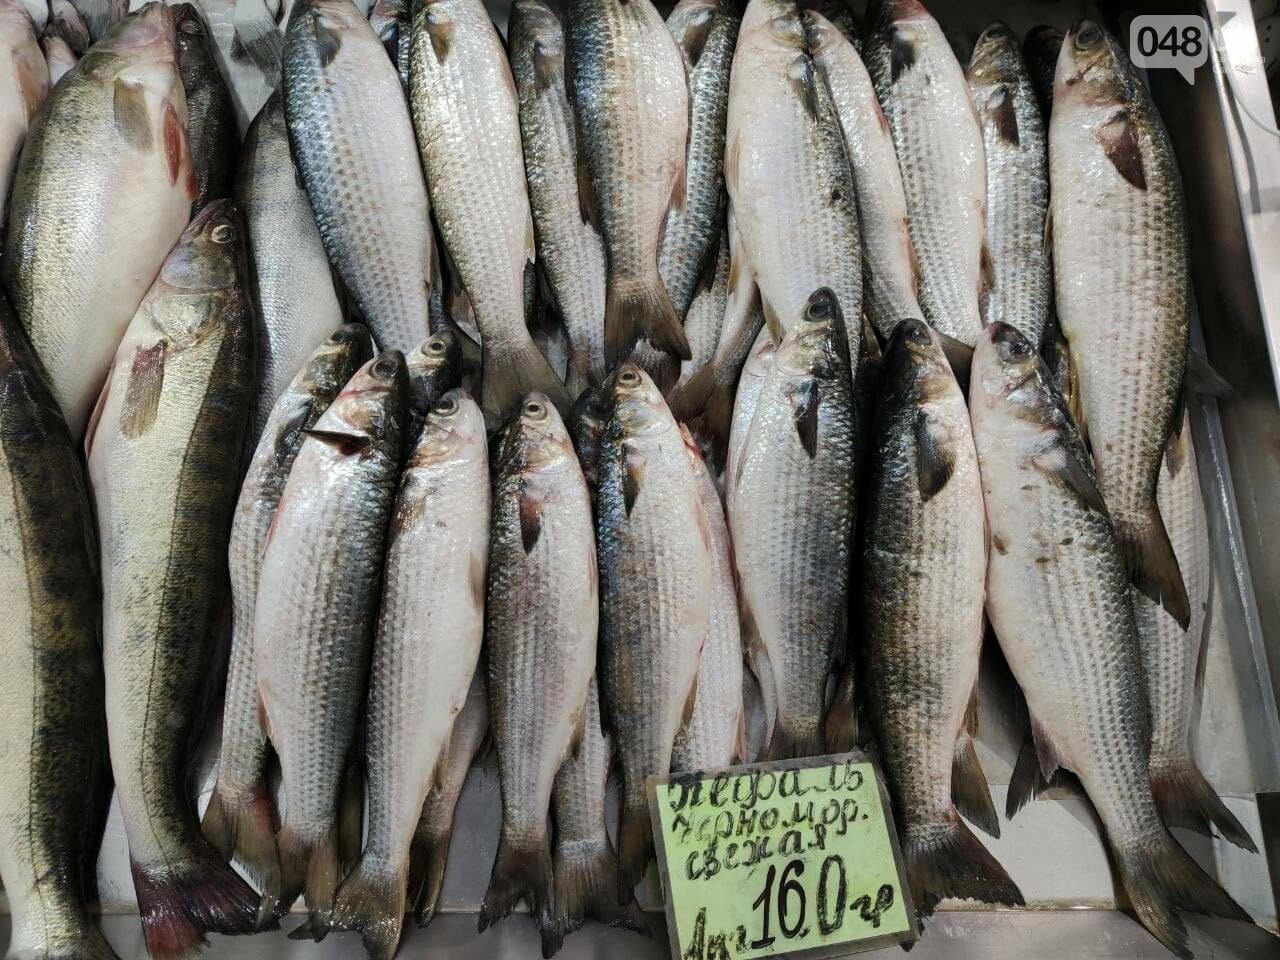 Кефаль, дунайка, рачки: рыбный четверг на одесском Привозе, - ФОТО, фото-1